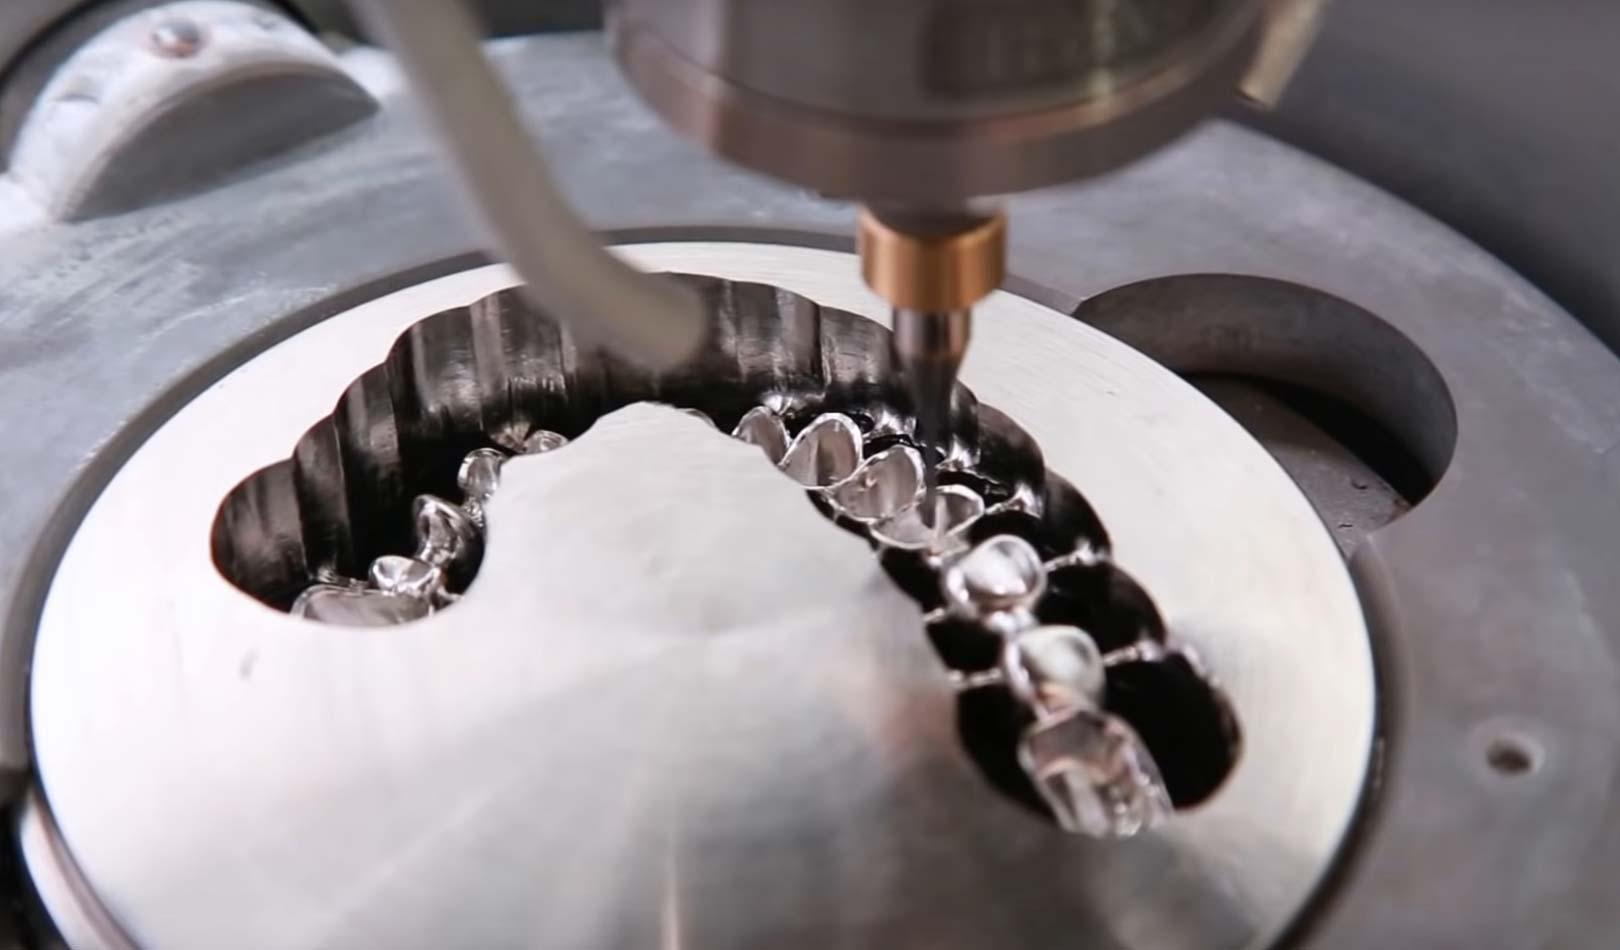 Zirkonzahn M5 Milling Unit